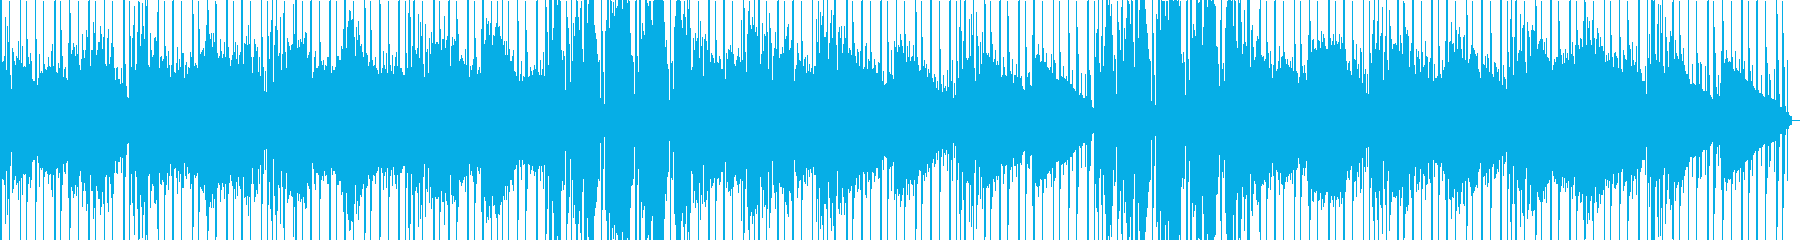 サスペンス感のある楽曲の再生済みの波形